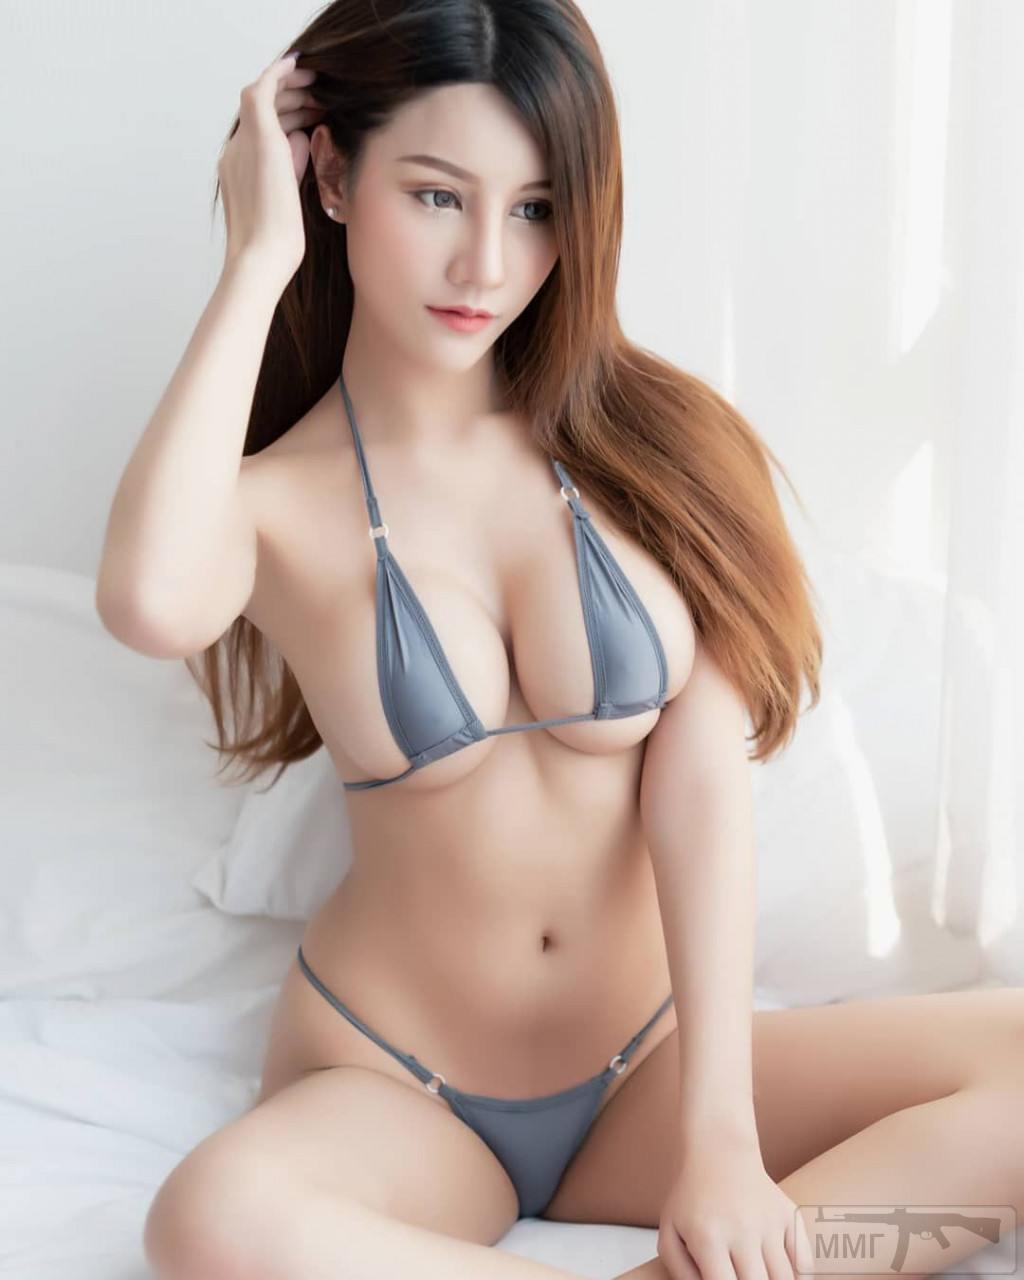 88928 - Красивые женщины